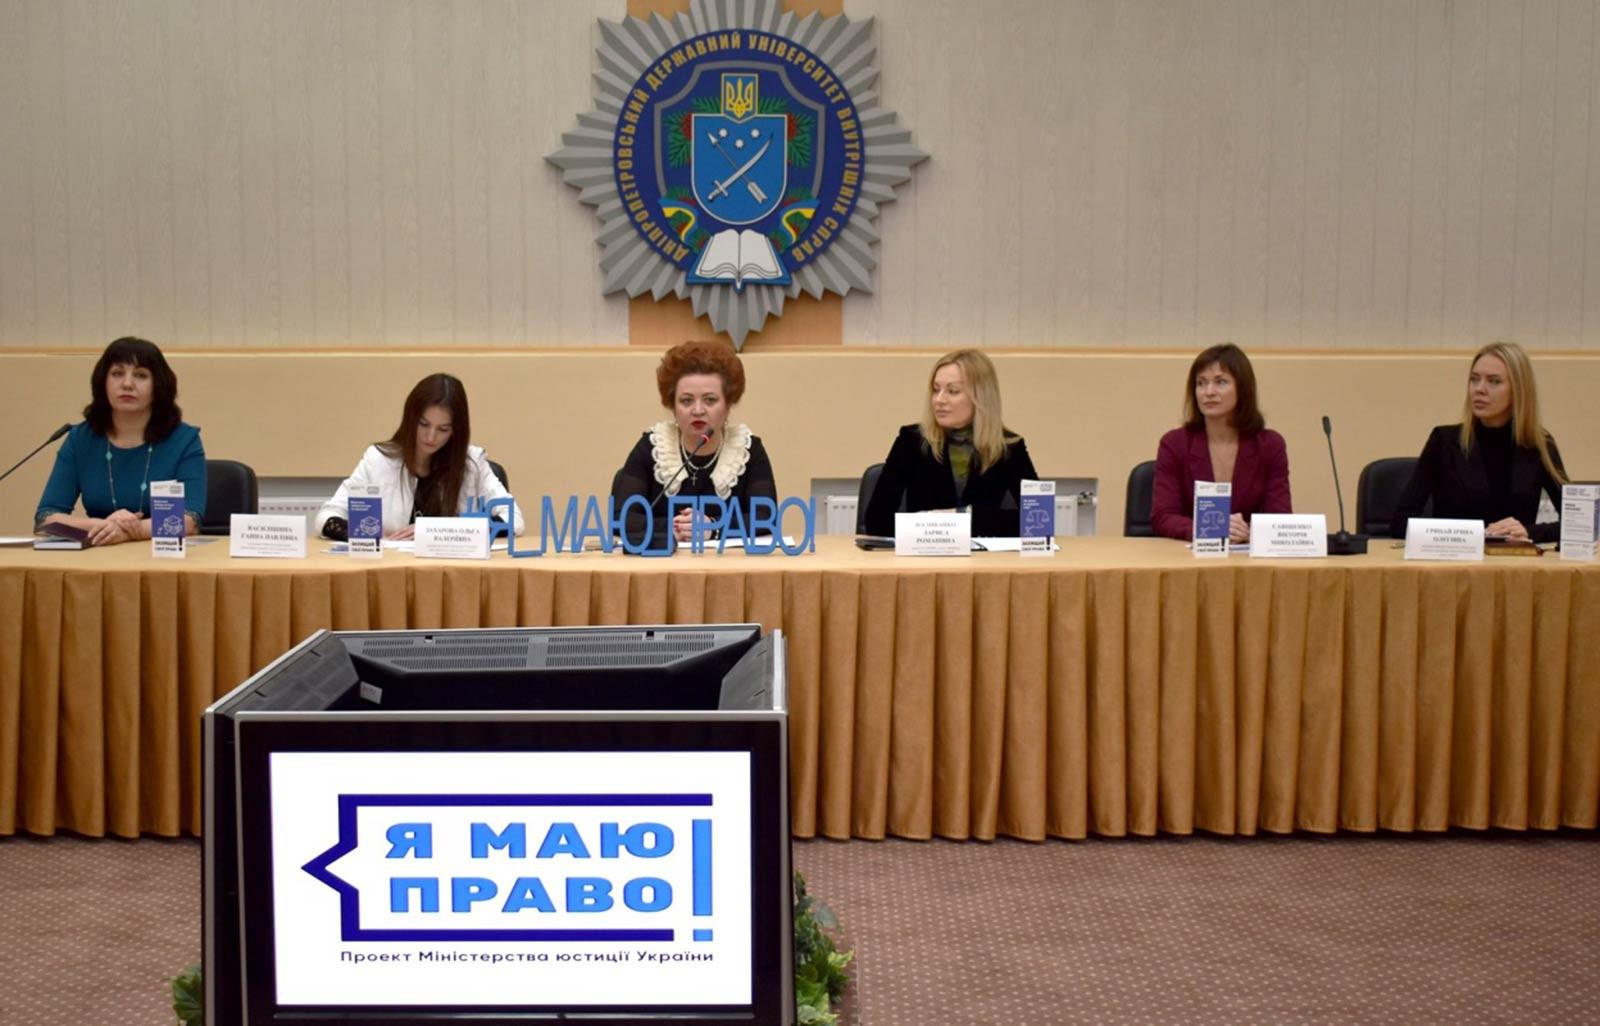 Презентація проекту фахівцями Головного територіального управління юстиції в Дніпропетровській області